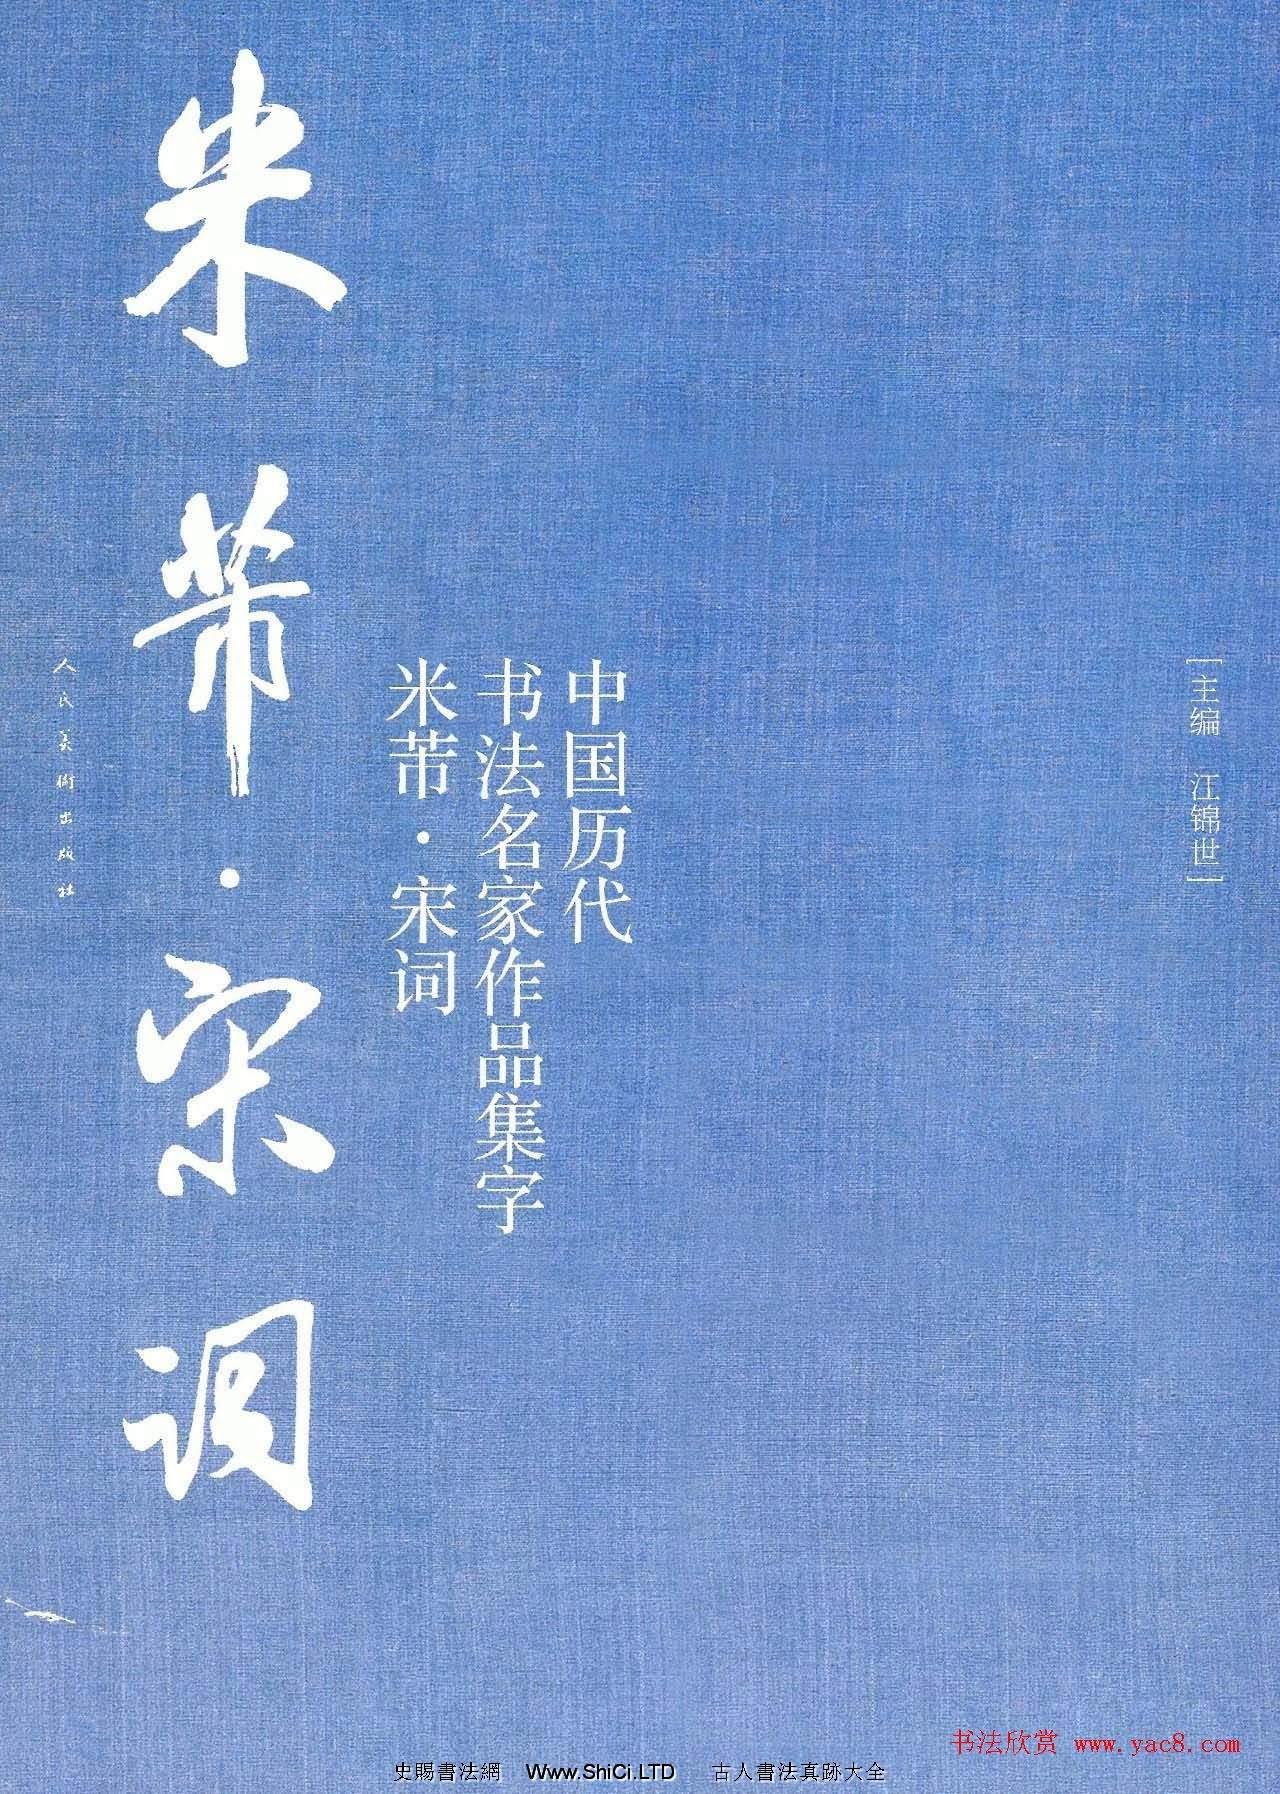 米芾行書集字宋詞21首(共40張圖片)